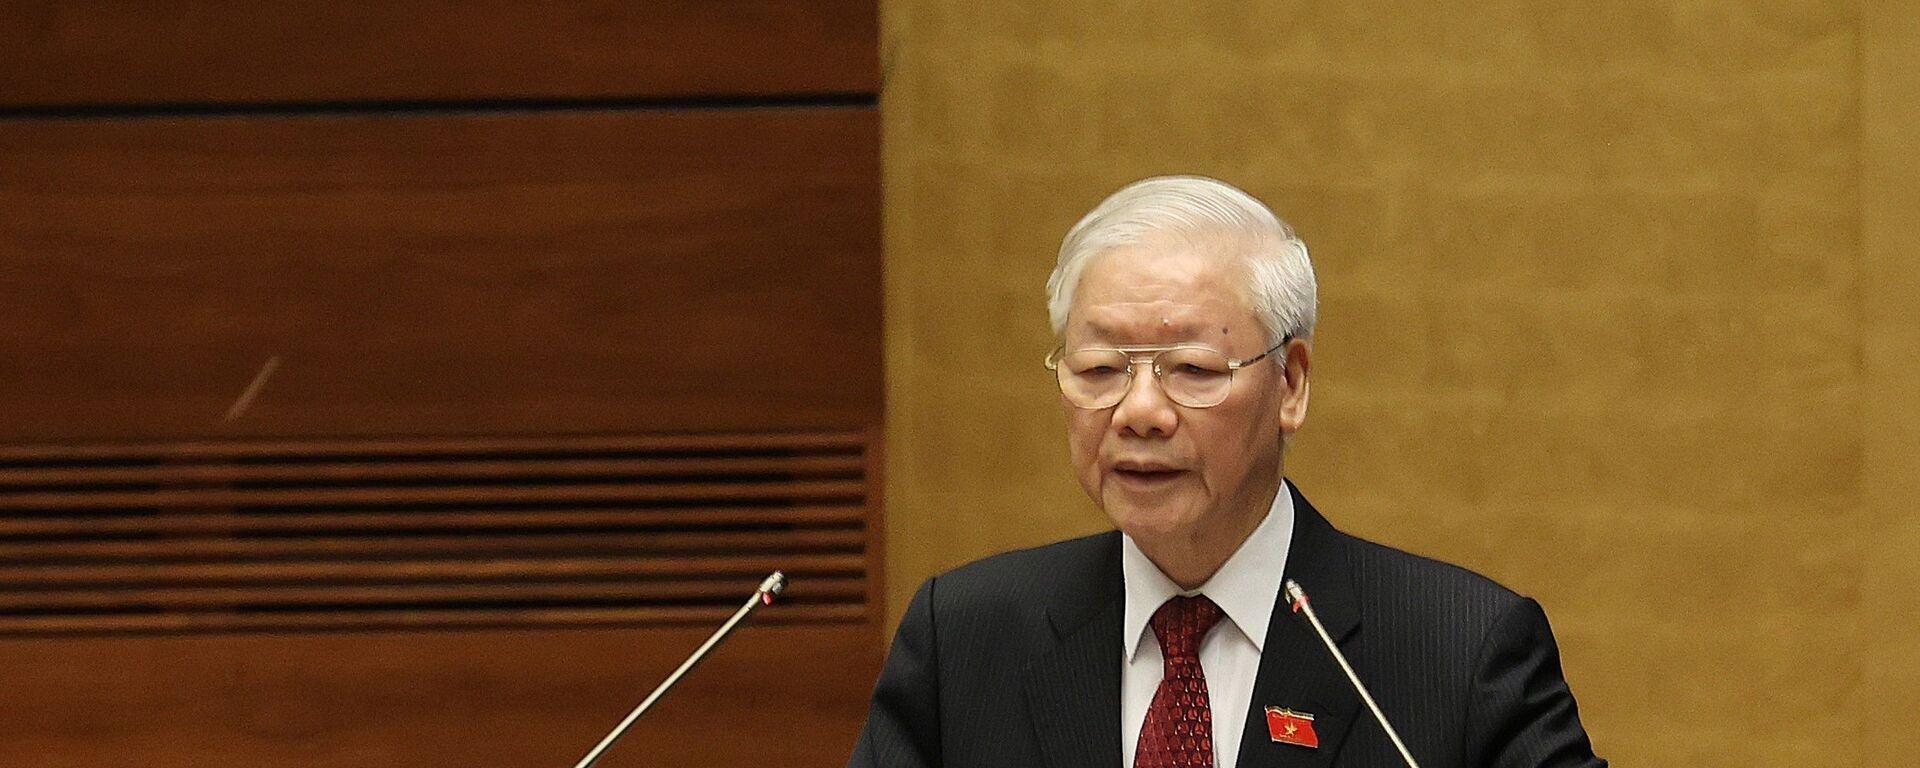 Tổng Bí thư Nguyễn Phú Trọng phát biểu tại Lễ khai mạc Kỳ họp thứ nhất, Quốc hội khóa XV - Sputnik Việt Nam, 1920, 17.08.2021